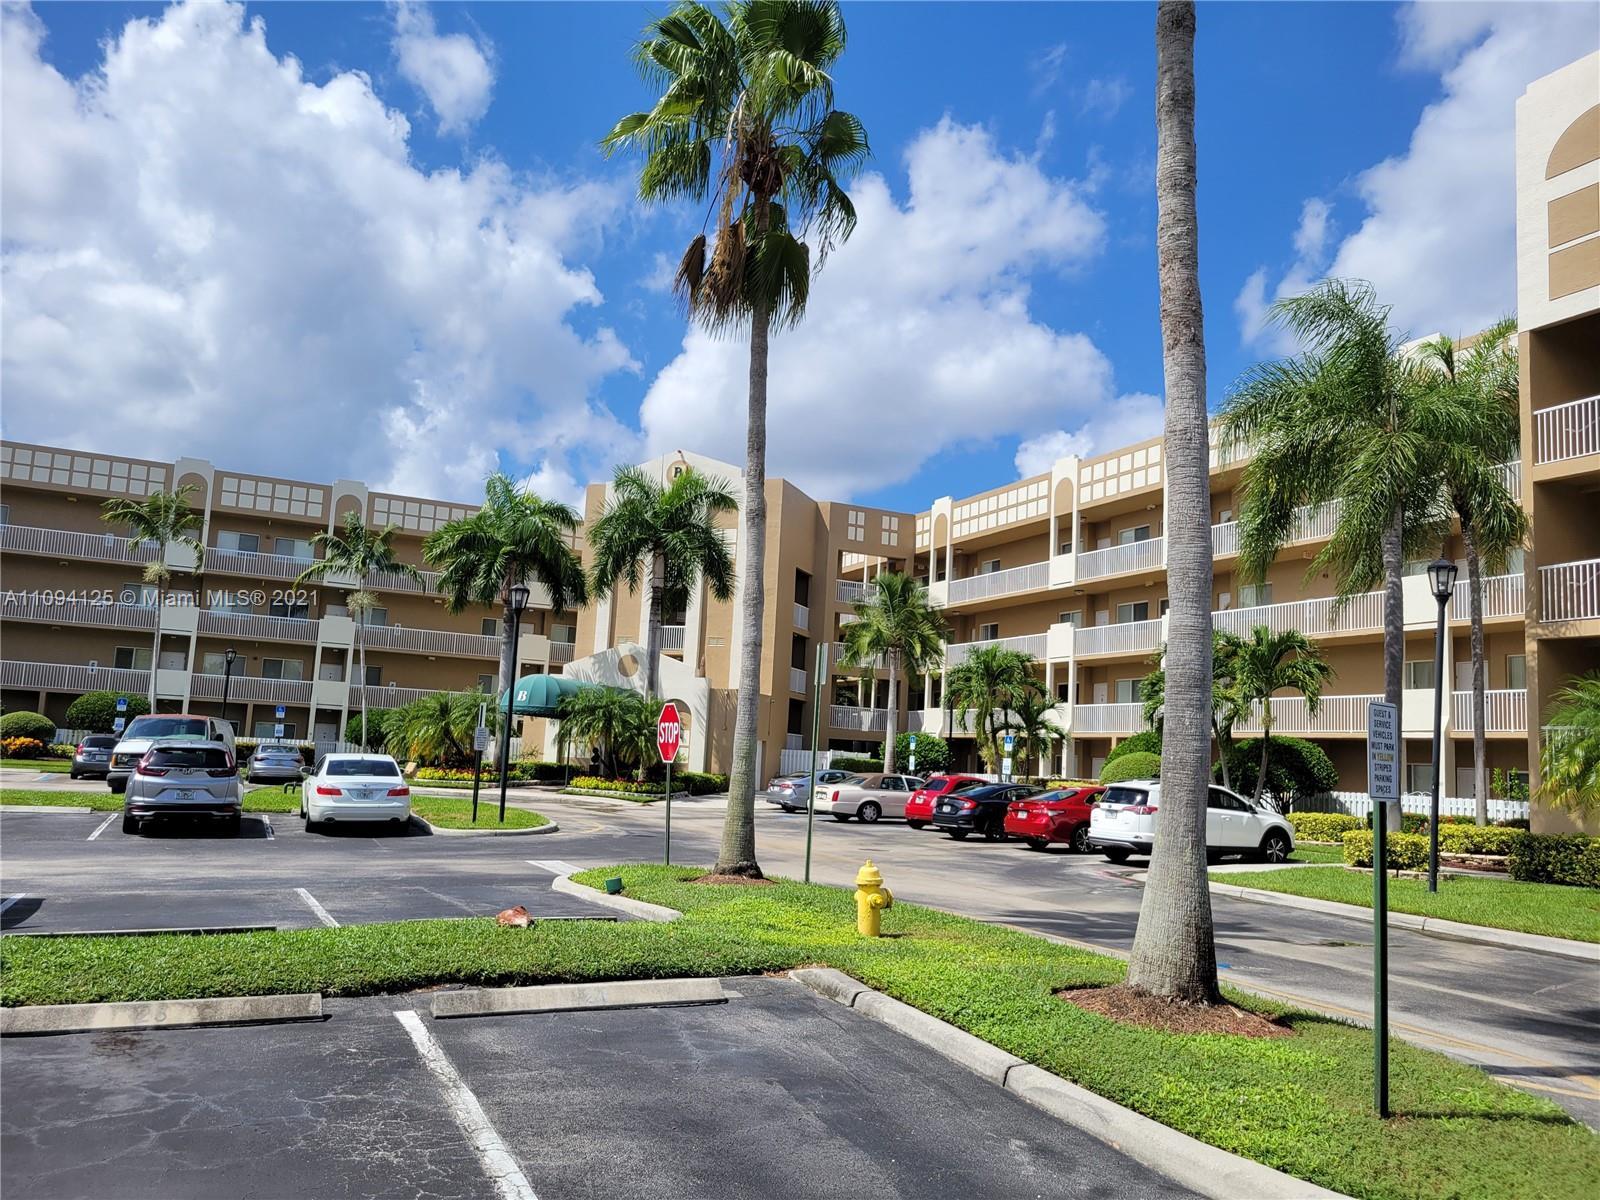 7623 Southampton Ter Unit 109, Tamarac, Florida 33321